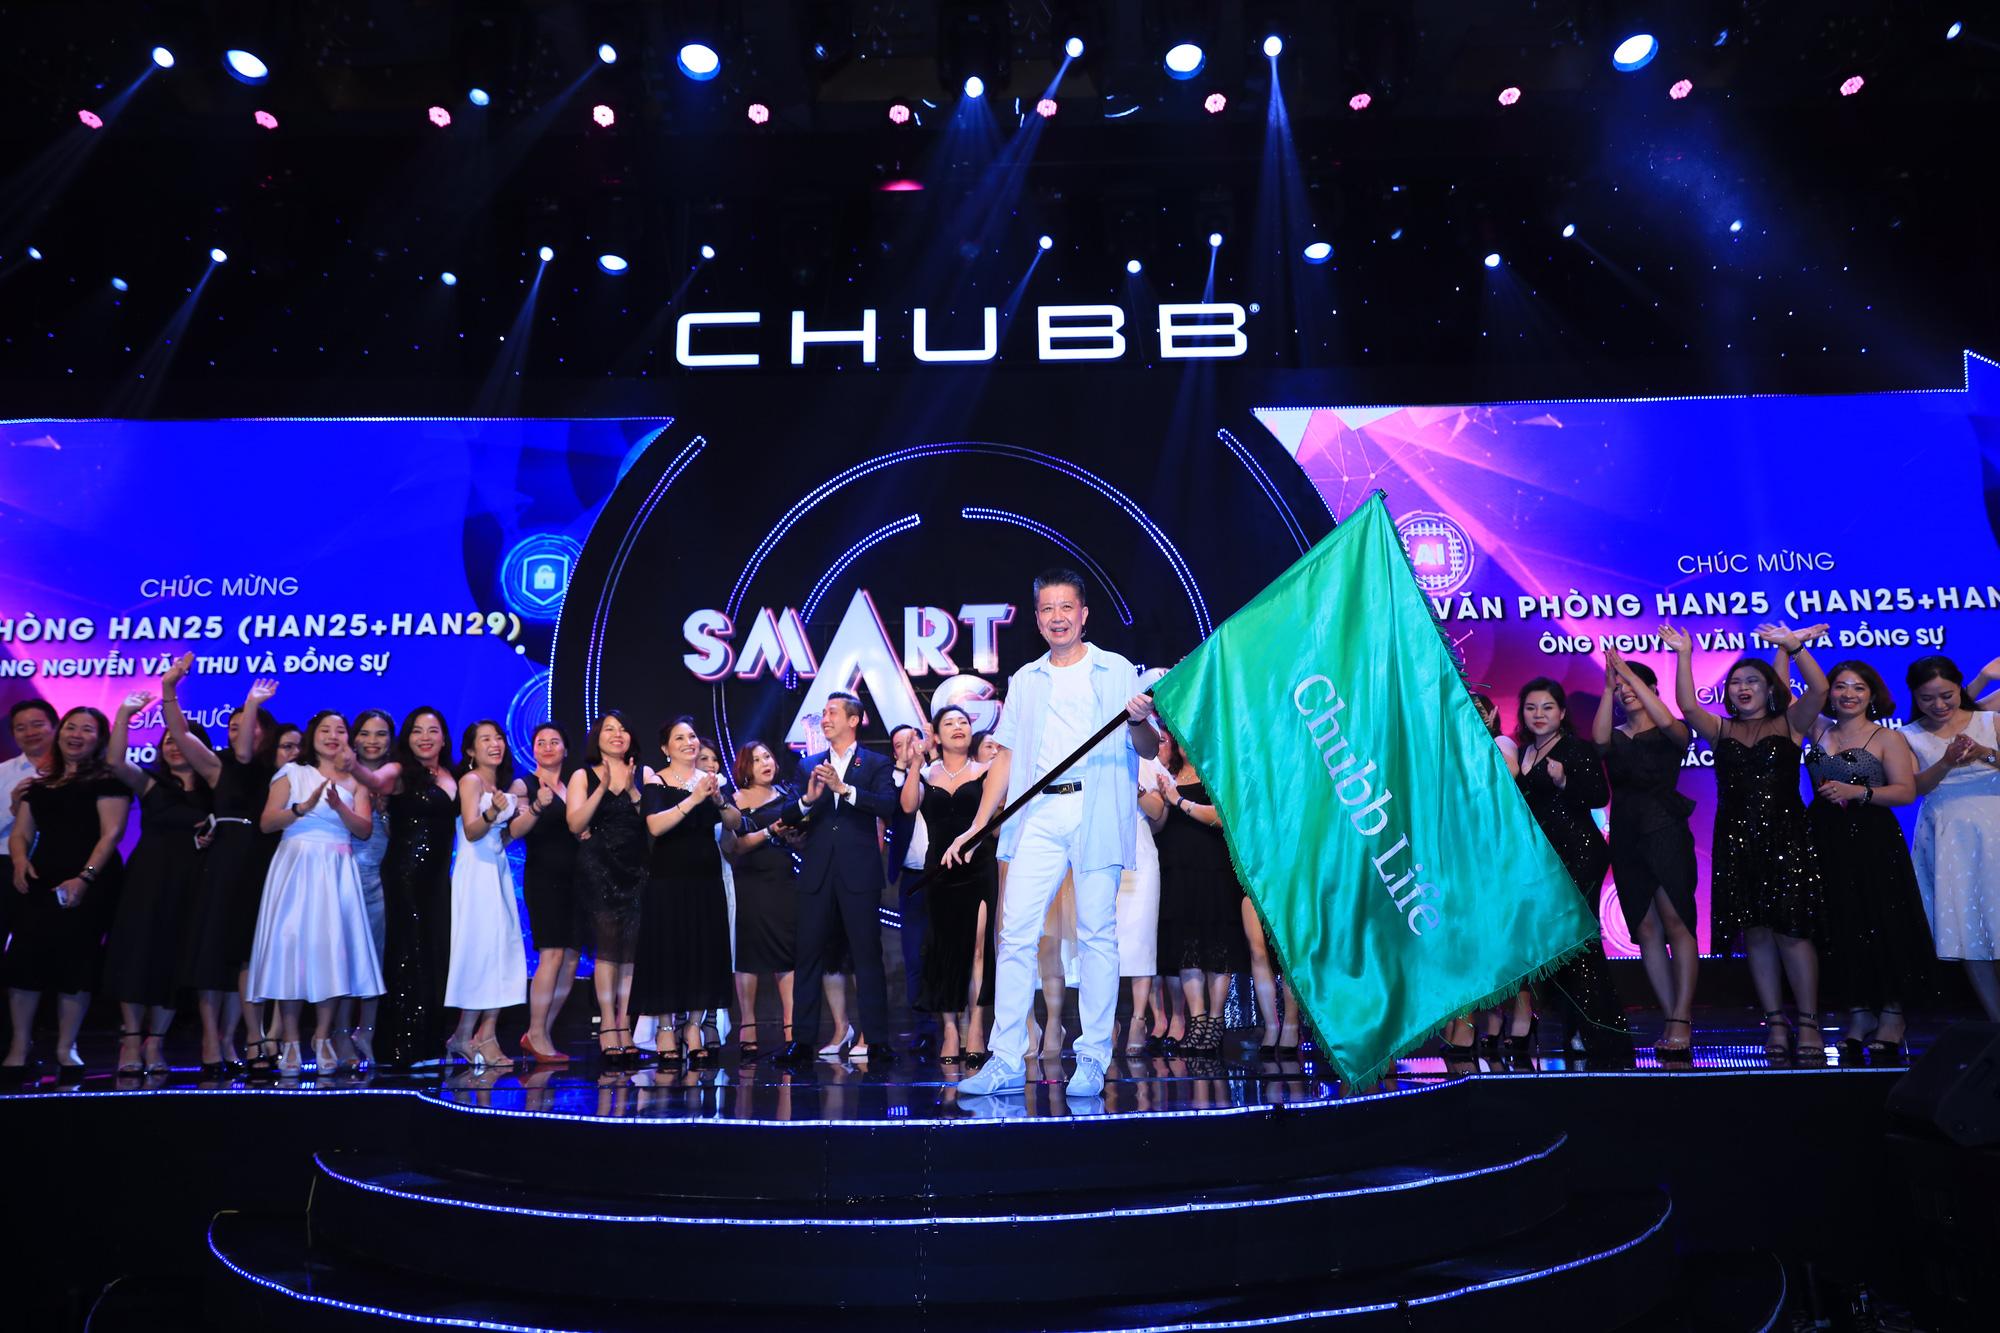 """Vị Tổng Giám đốc """"không nhiệm kỳ"""" của Chubb Life Việt Nam - Ông Lâm Hải Tuấn: Bảo hiểm với tôi là sứ mệnh - Ảnh 10."""